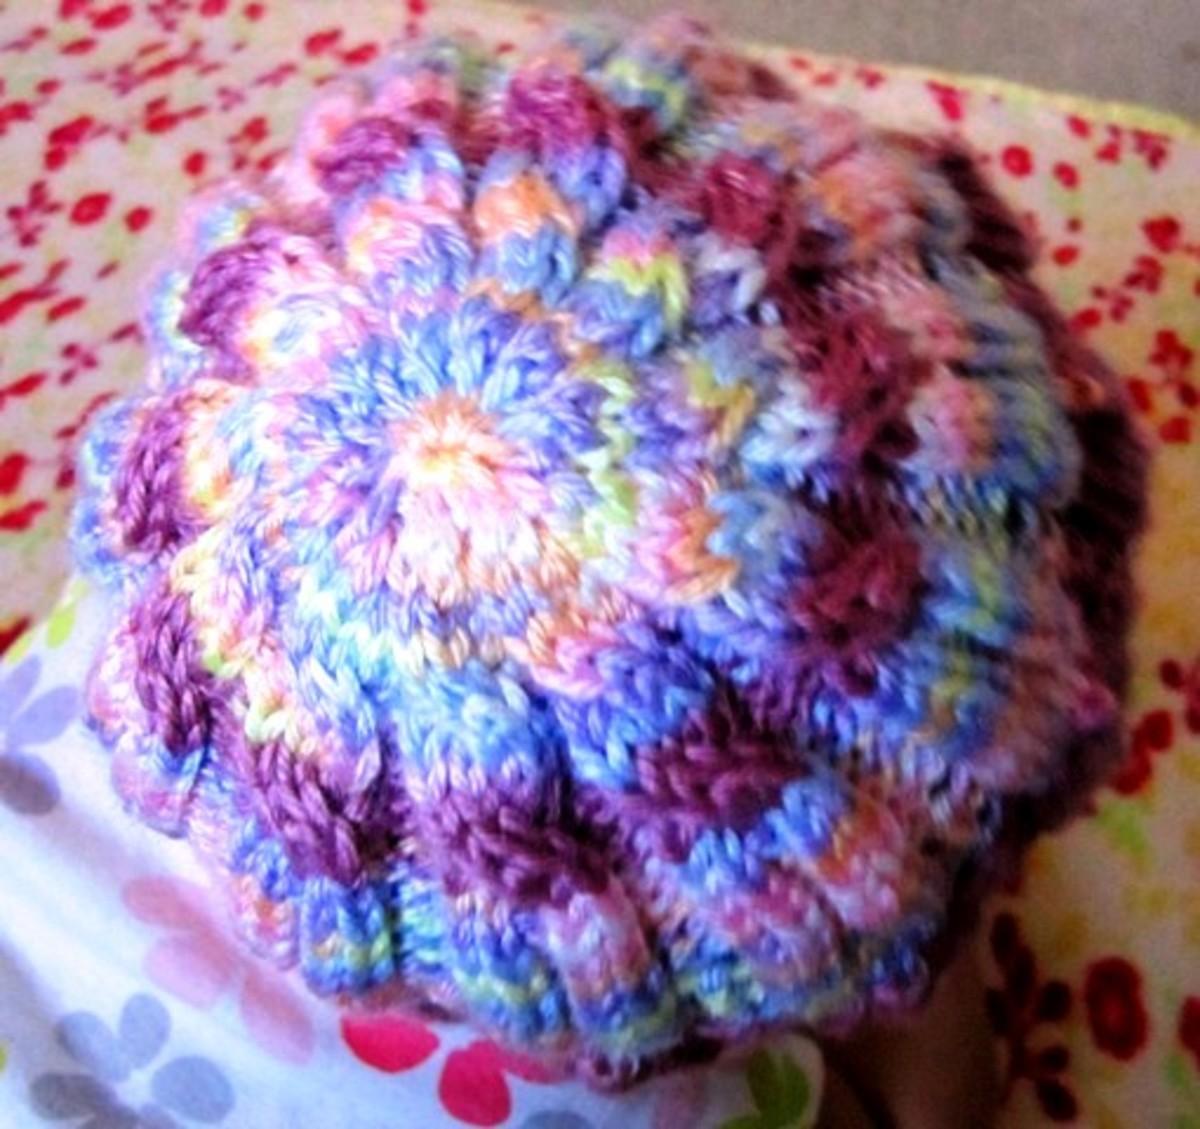 (c) whiteflowerneedle 2012